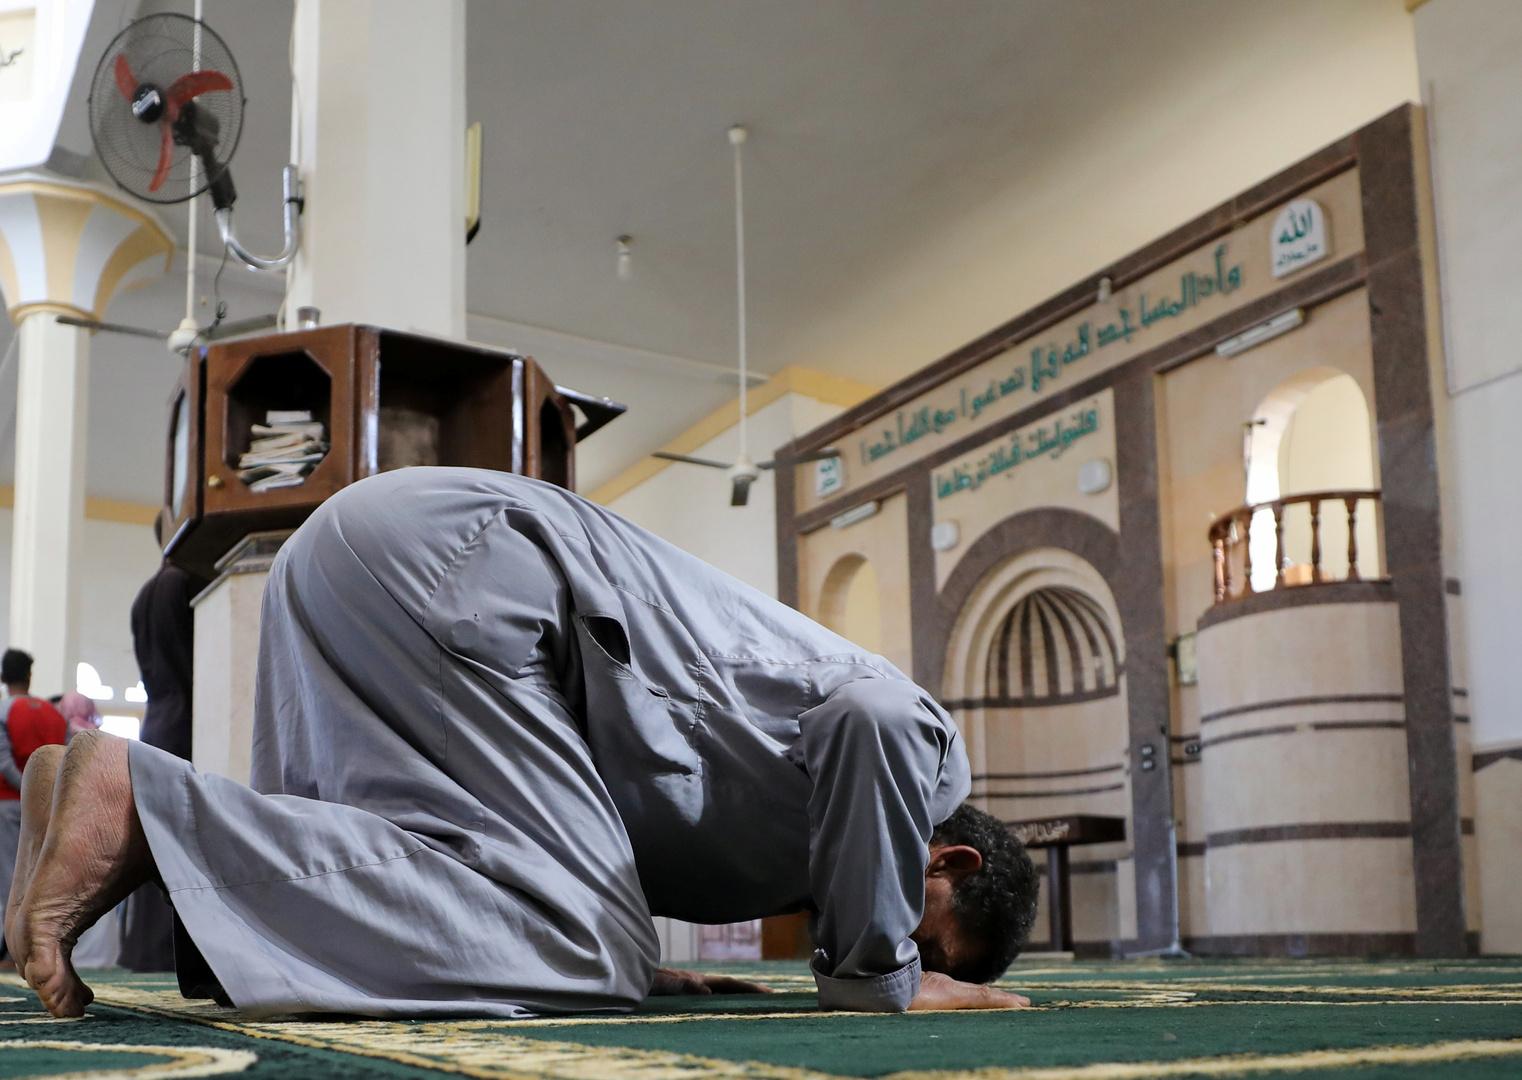 مصر.. مصلون يهربون من المسجد أثناء صلاة التراويح (صورة)